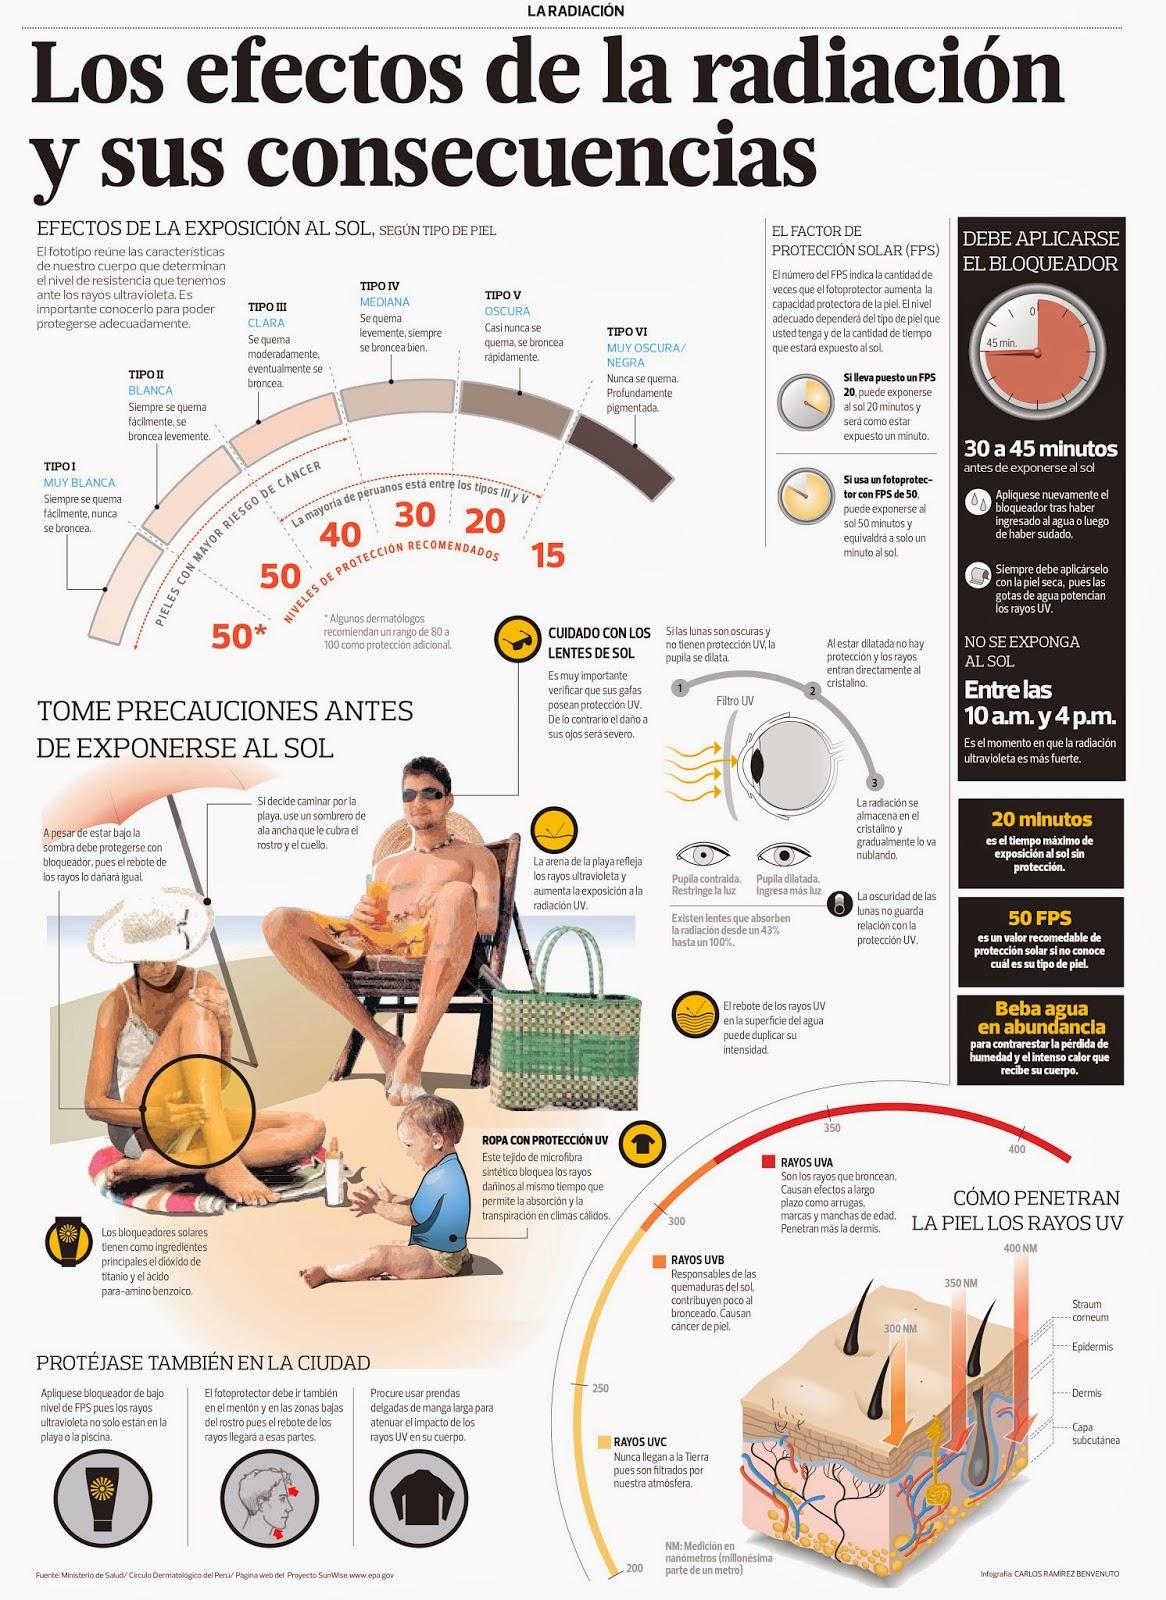 Los efectos de la radiación y sus consecuencias